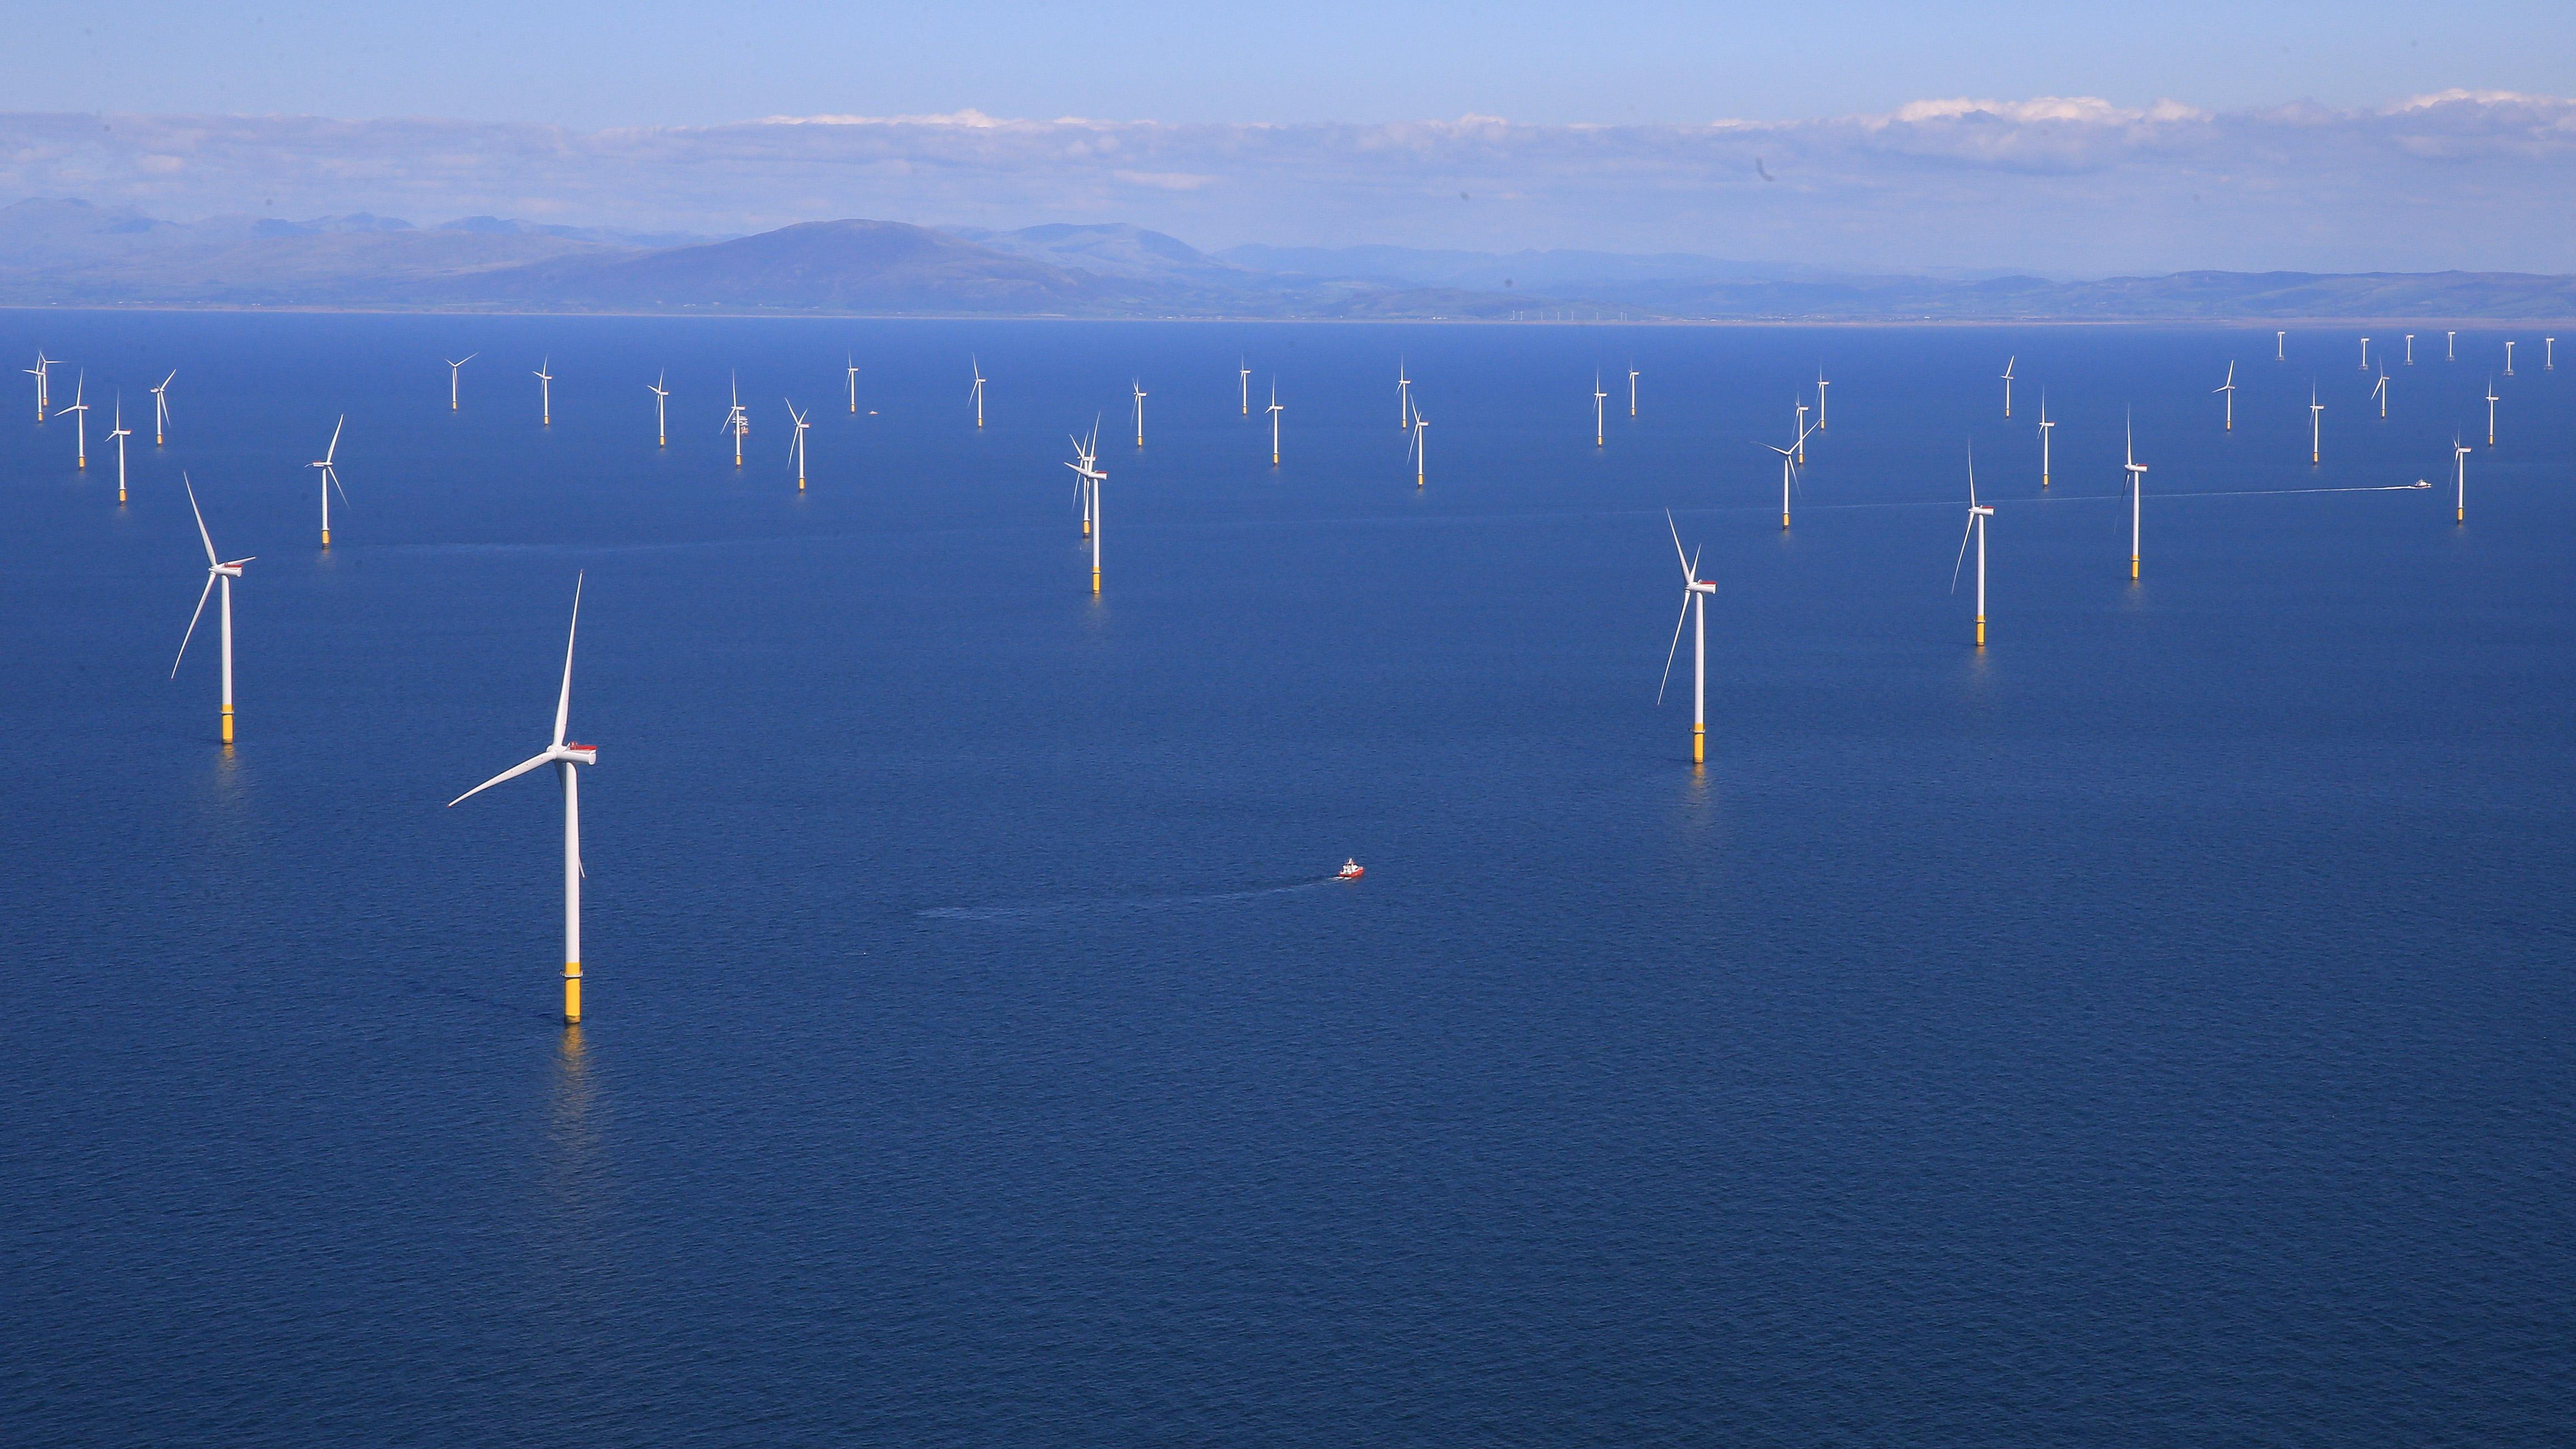 Multiple white windmills dot the blue ocean.